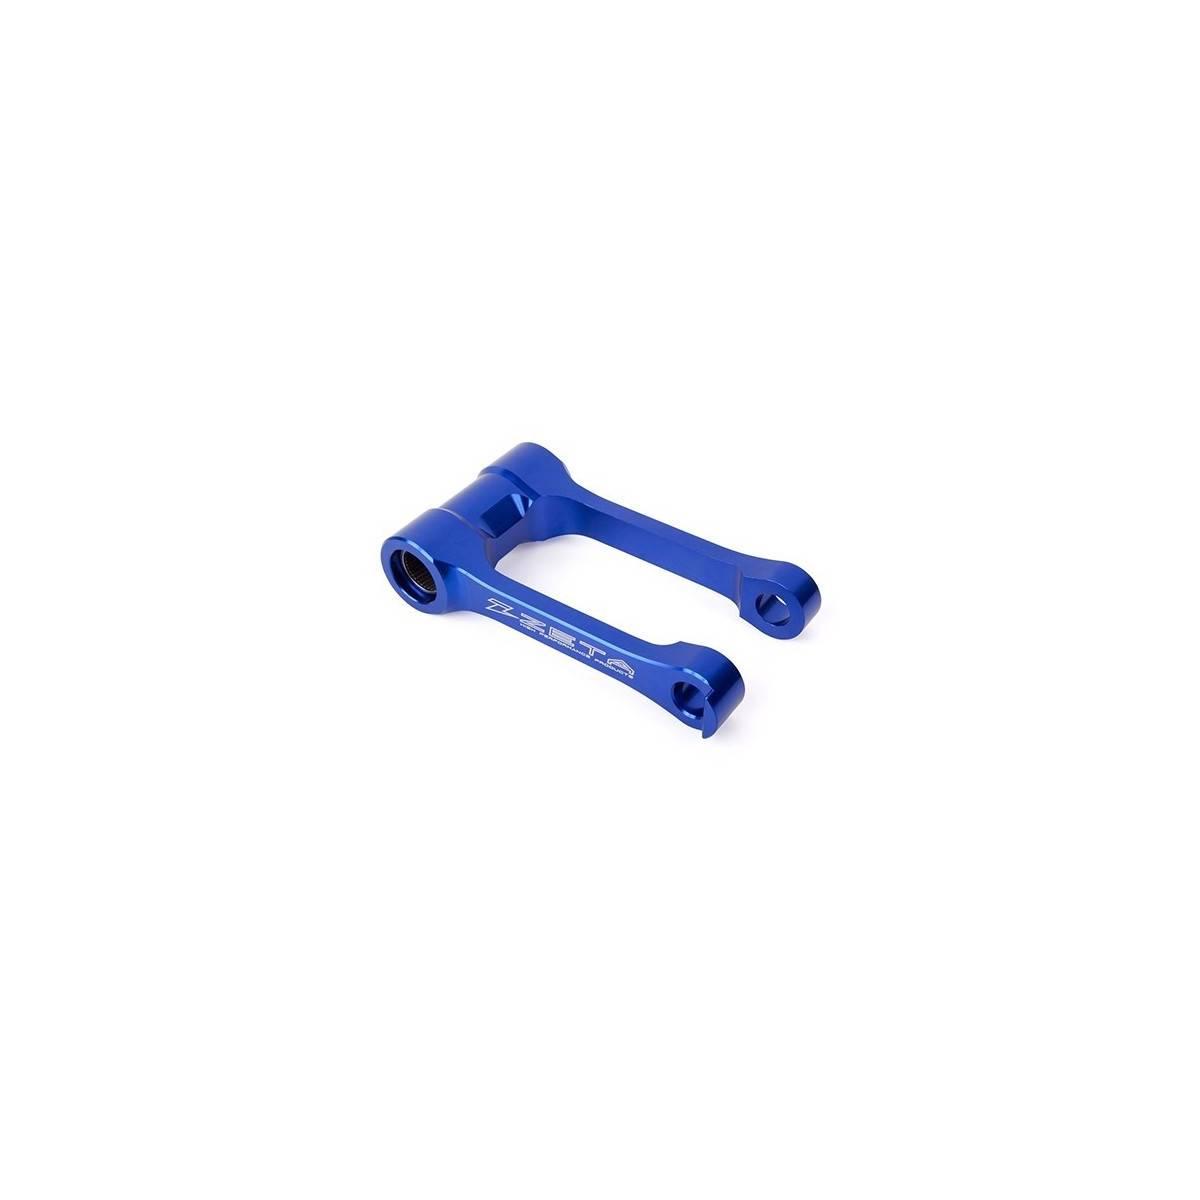 ZE56.01472 - Bieleta Para Bajar La Suspensión Zeta Ajustable Suzuki Rmz450 13